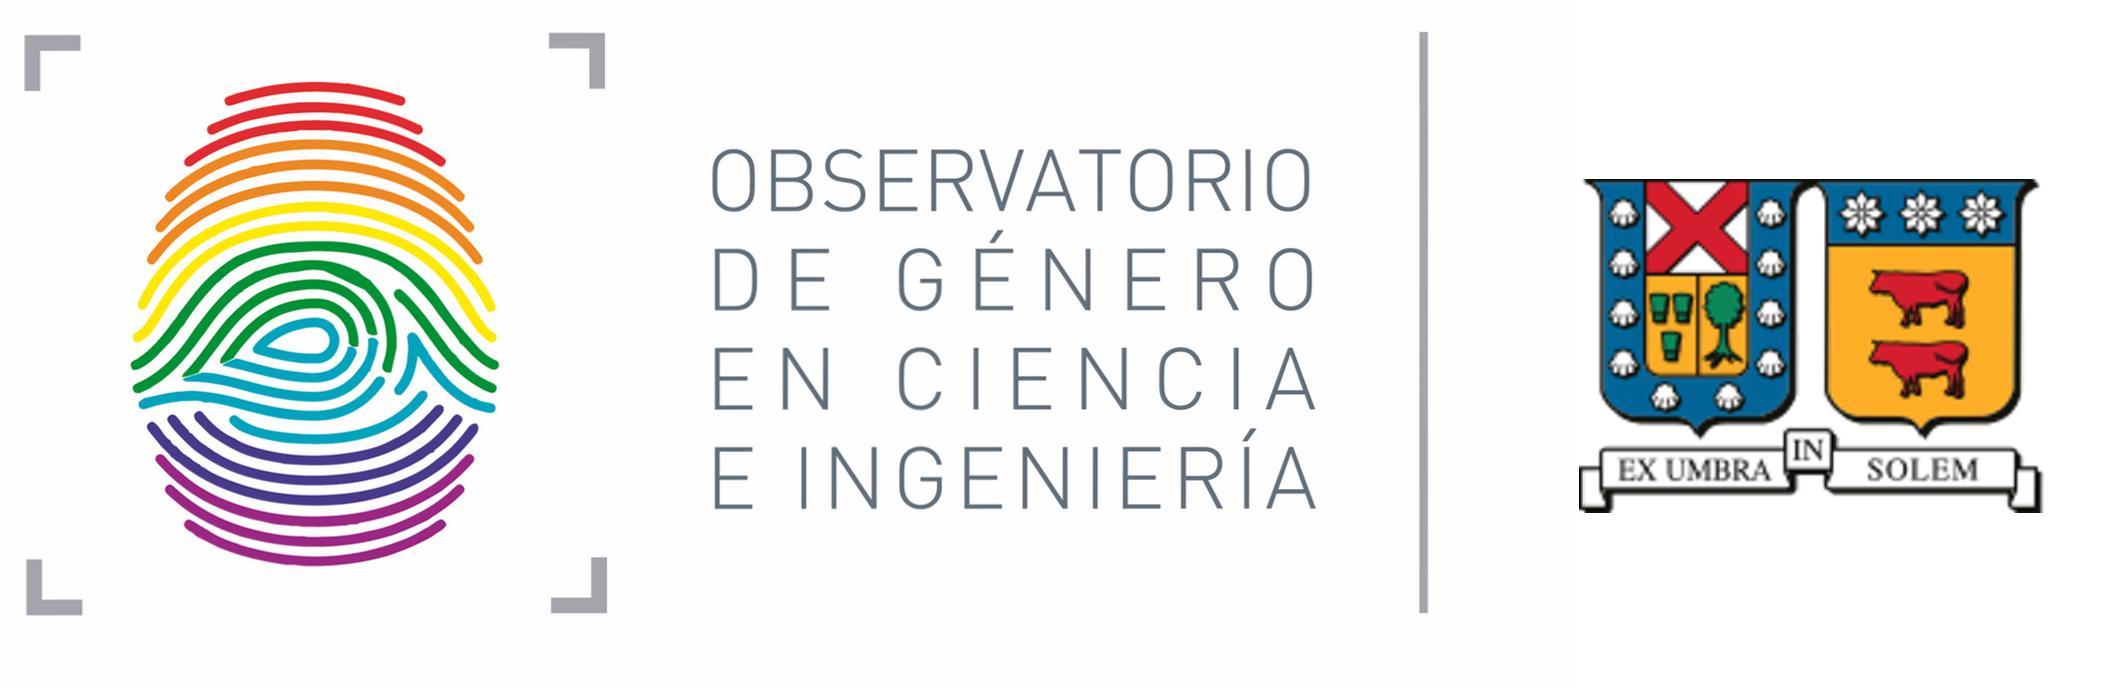 Observatorio de Género en Ciencia e Ingeniería